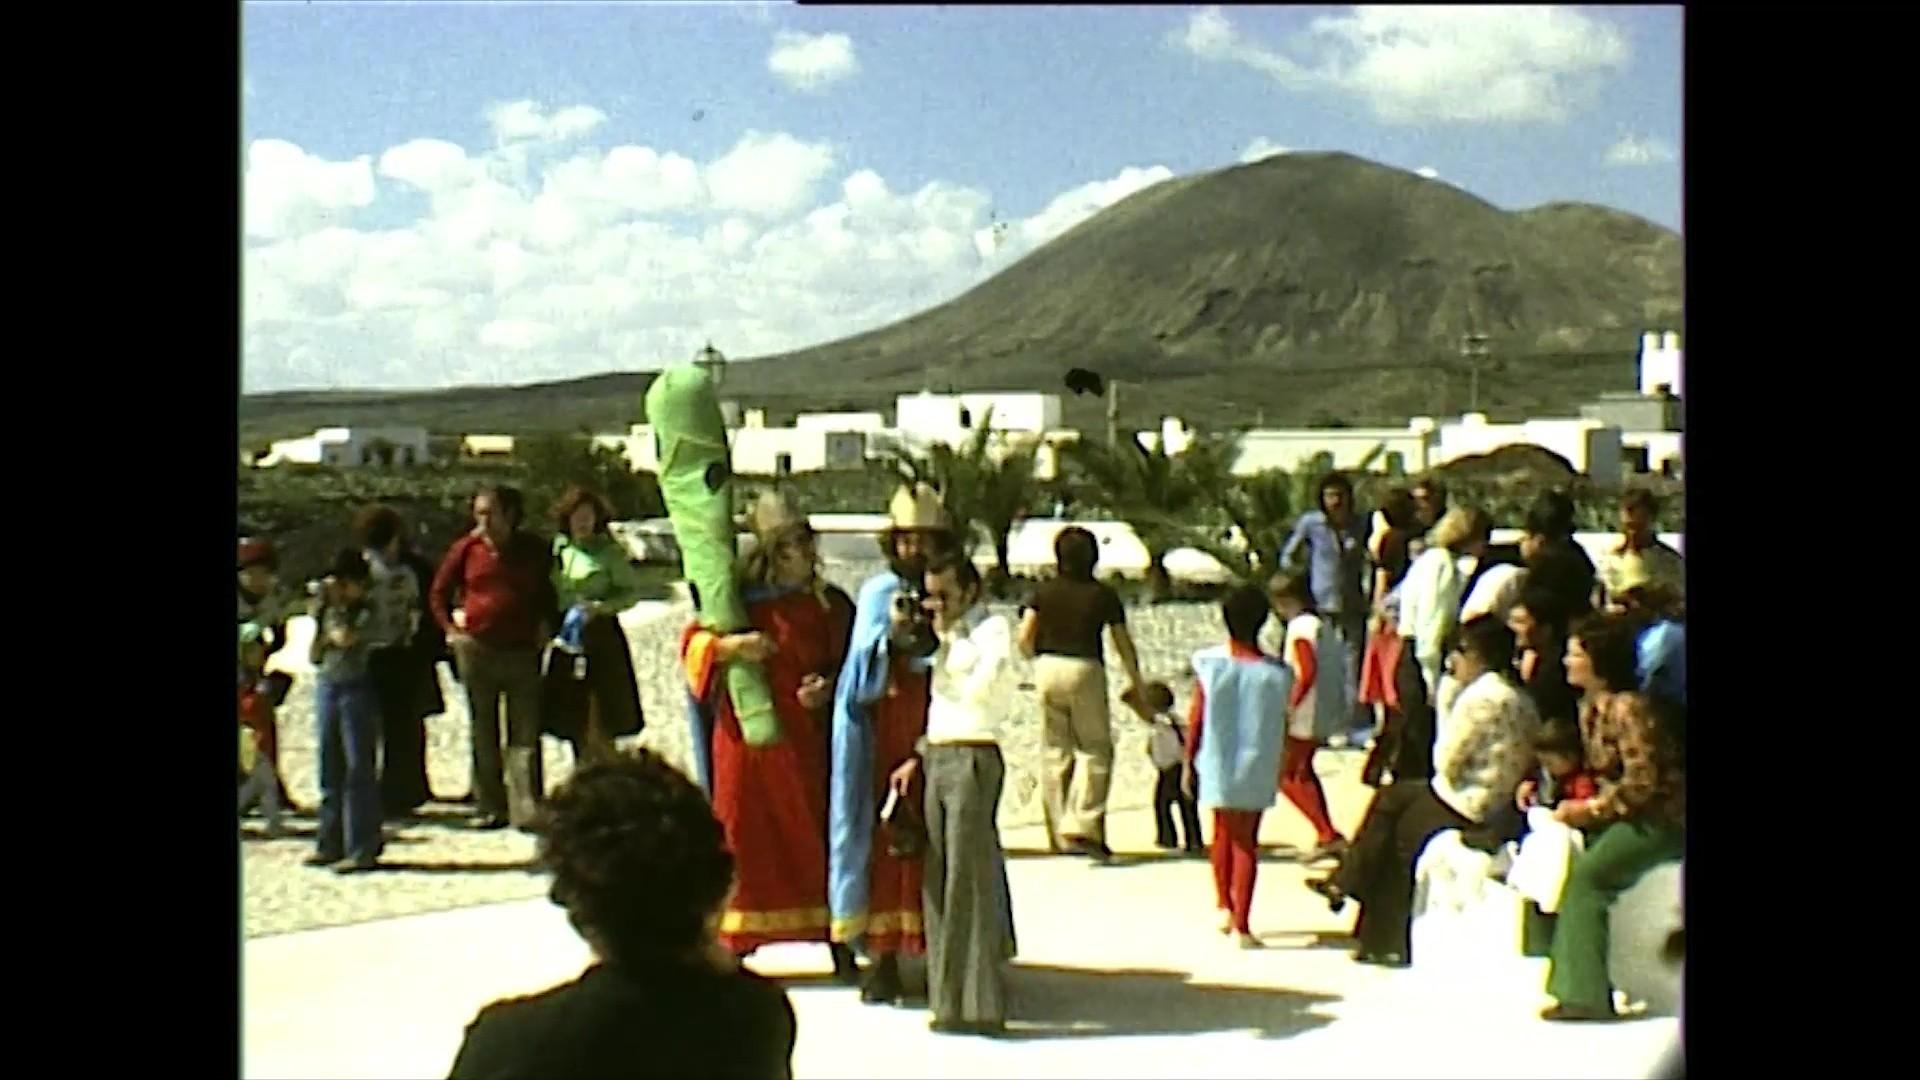 Carnaval en Guatiza (c. 1975)